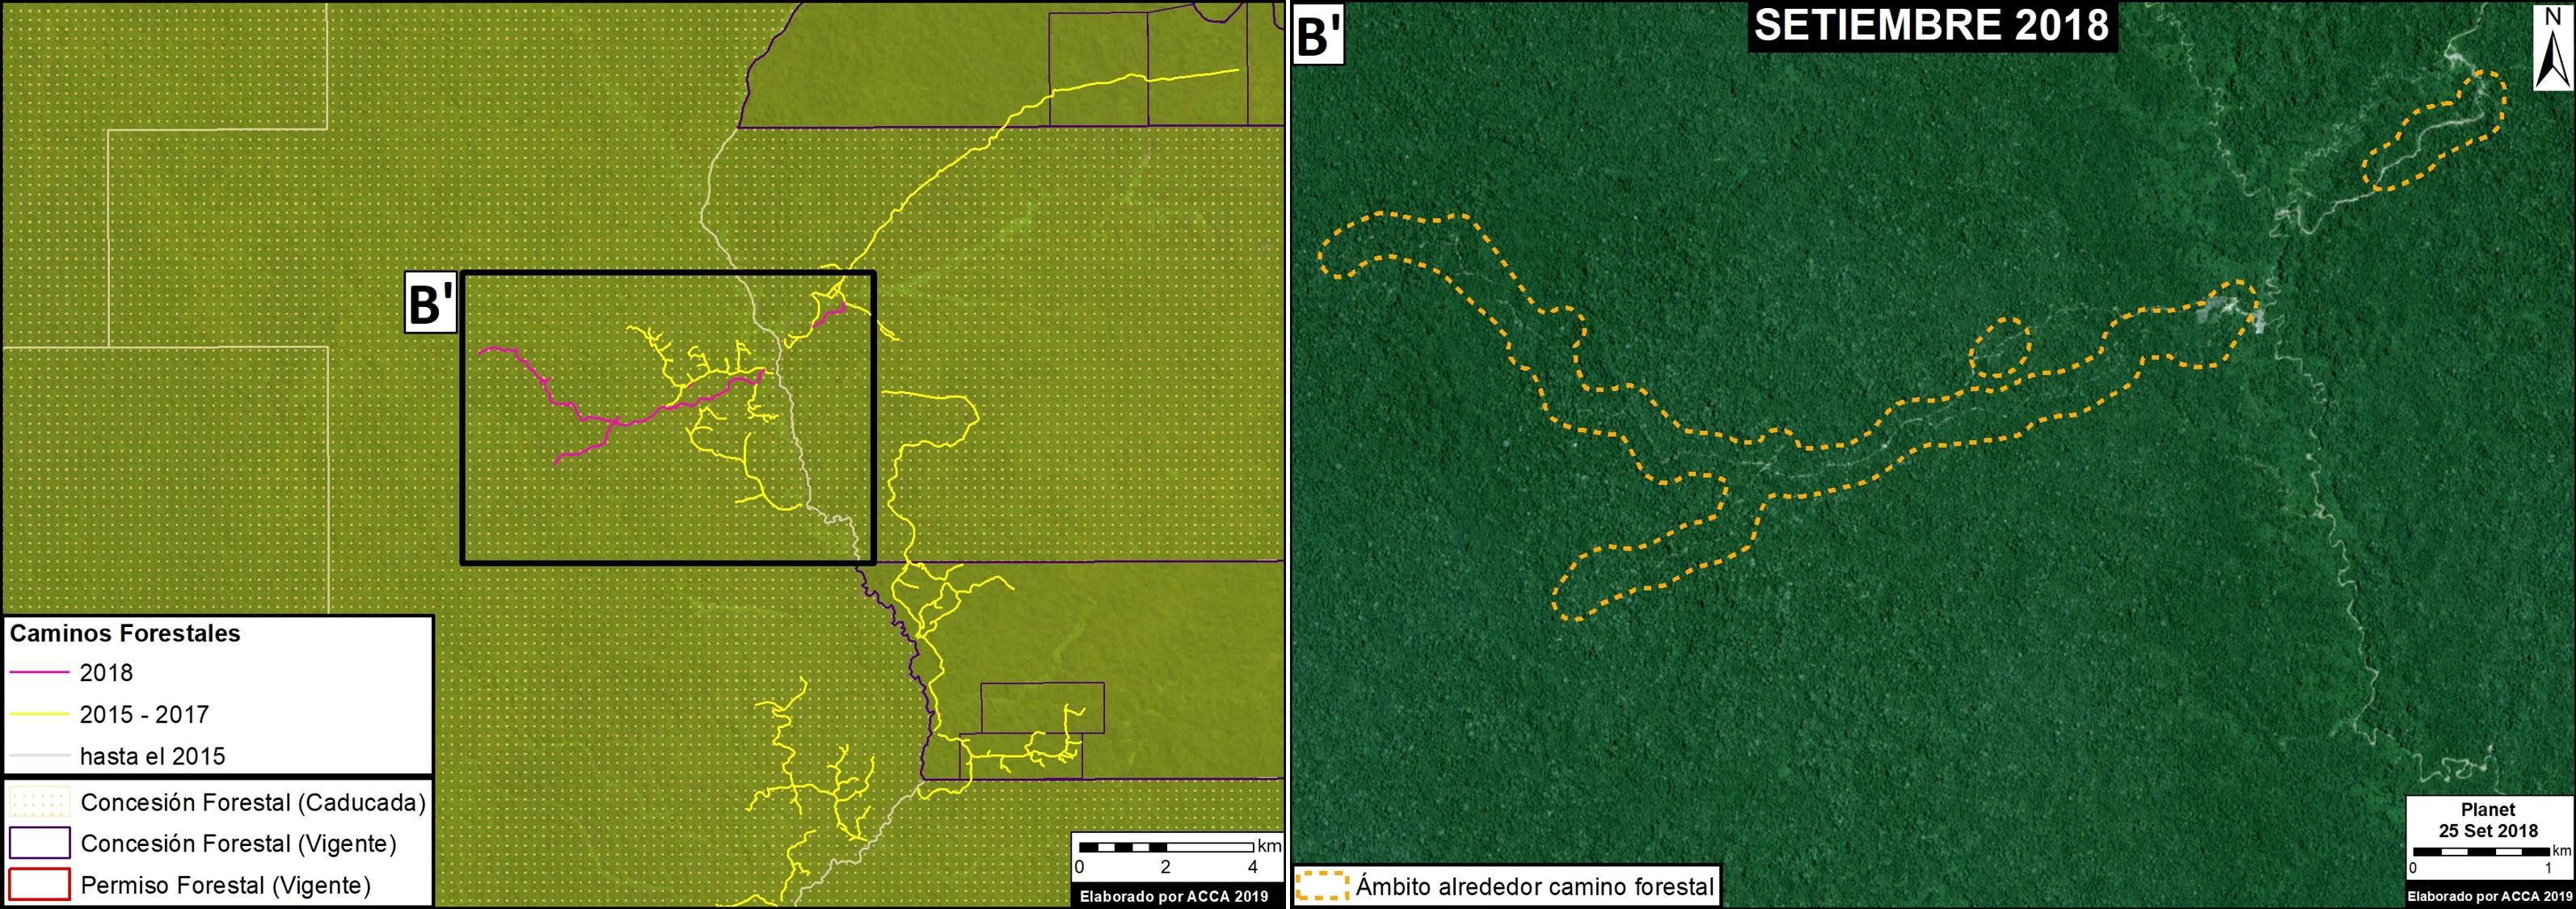 Una vía forestal que llega a una concesión caducada en el distrito de Masisea, provincia de Coronel Portillo. Imagen: MAAP / ACCA.